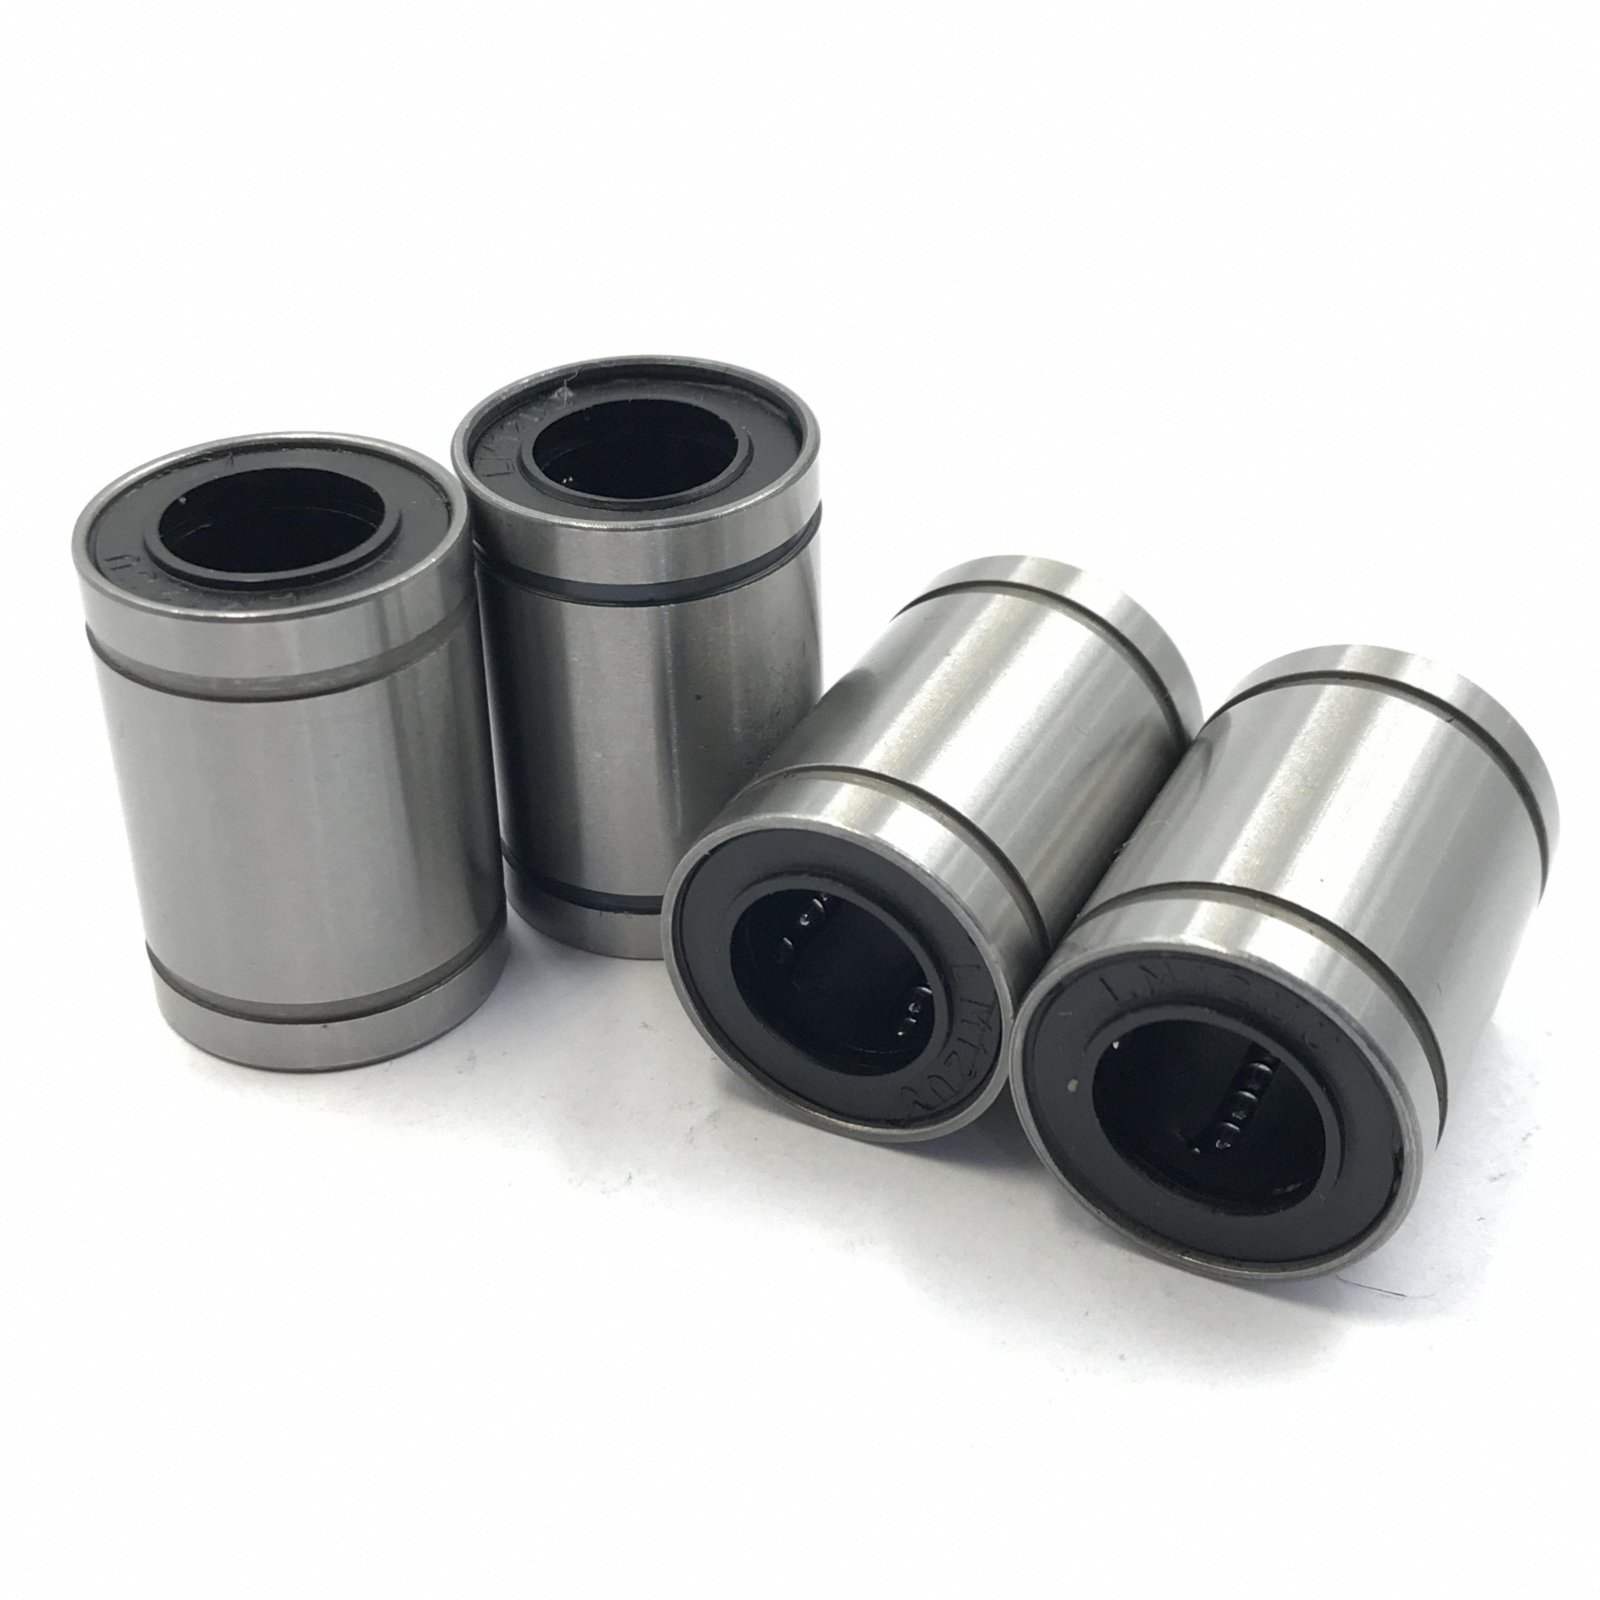 12 pcs 10mm LM10UU 10x19x29mm Linear Ball Bearing Bush Bushing CNC parts